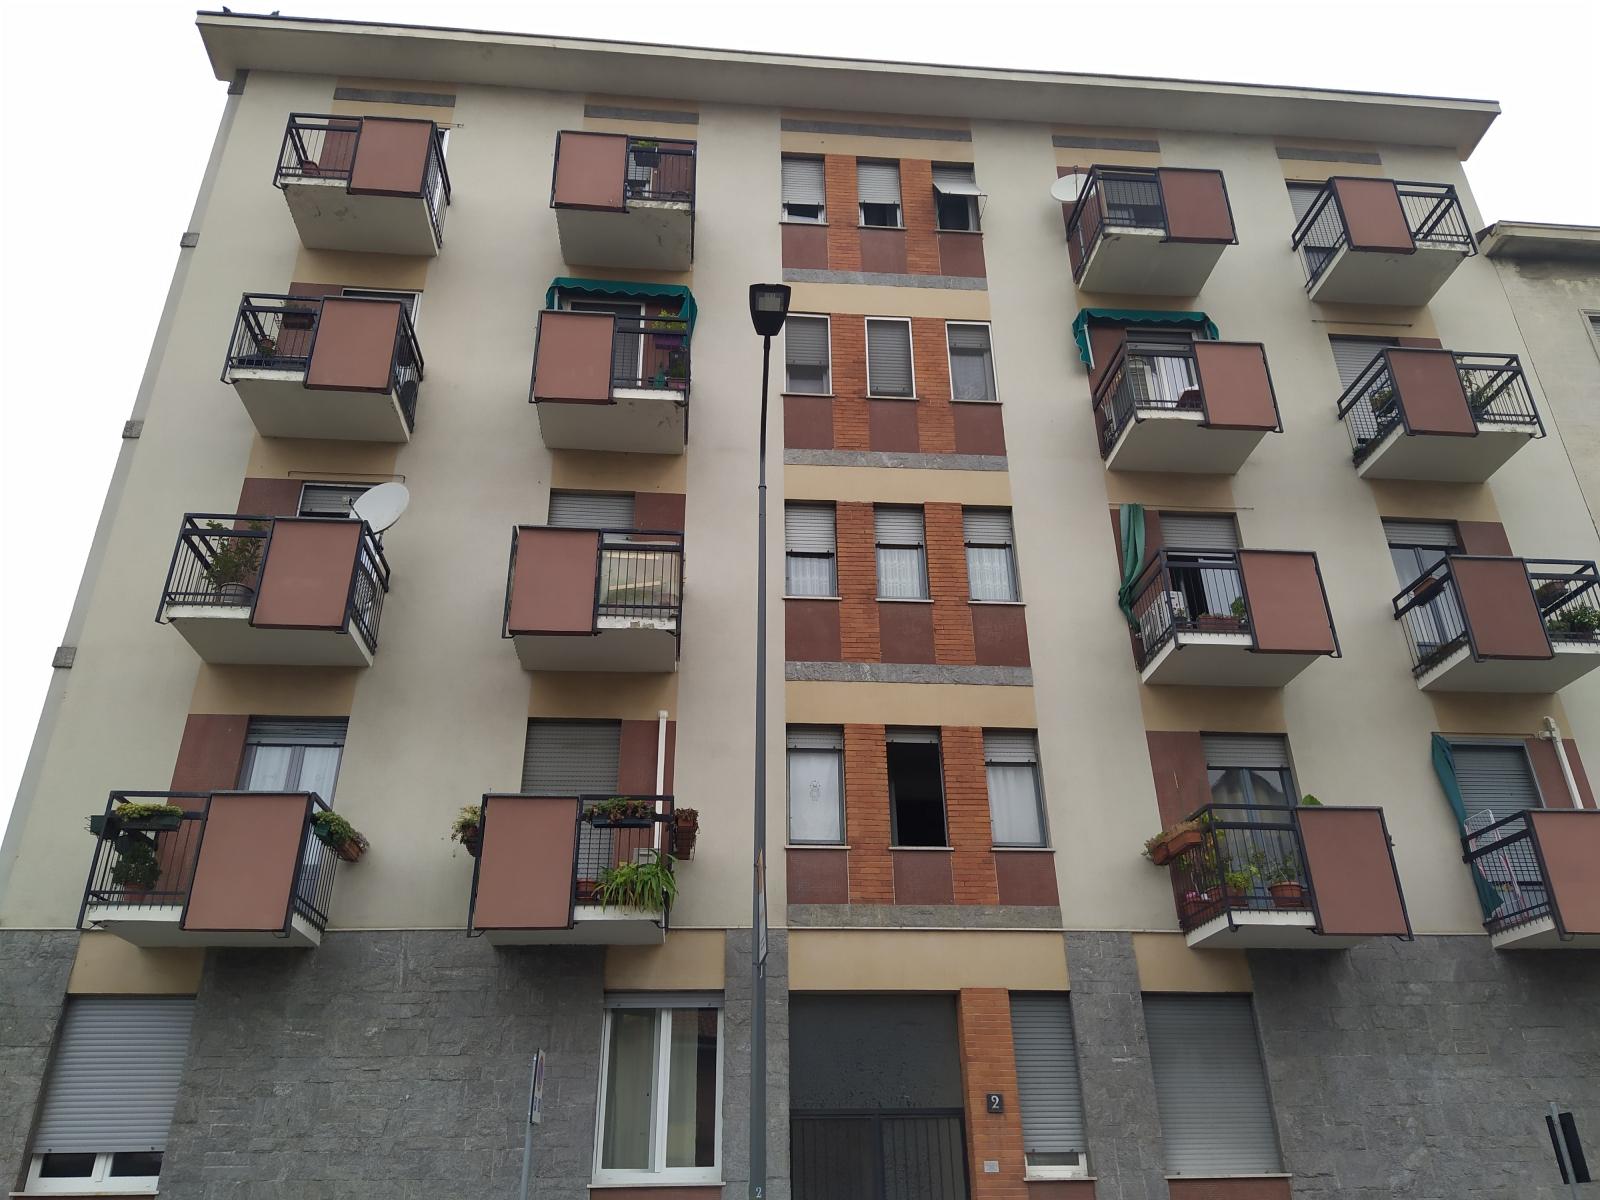 appartamento-in-affitto-milano-baggio-spaziourbano-immobiliare-vende-14